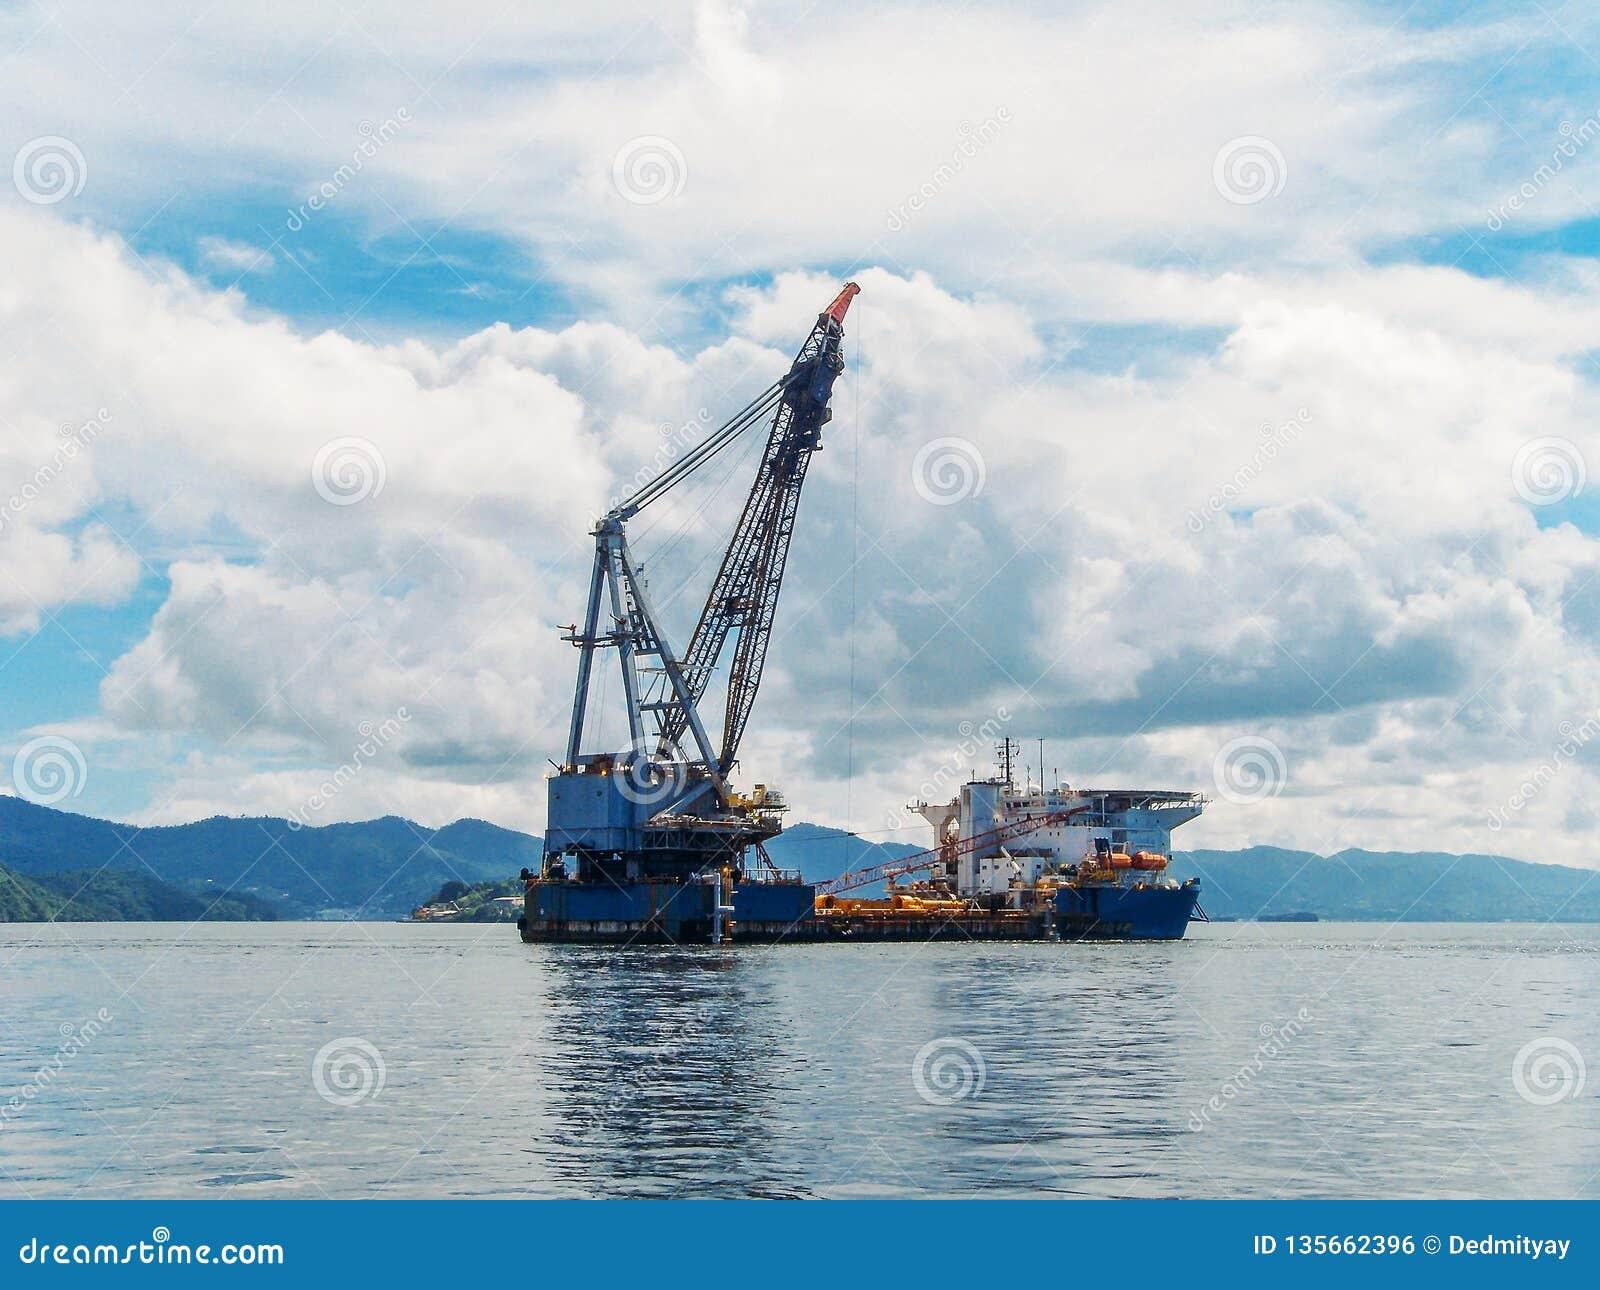 Wieża wiertnicza w zatoce tropikalne wyspy, eksploracja i produkcja olej w oceanie,